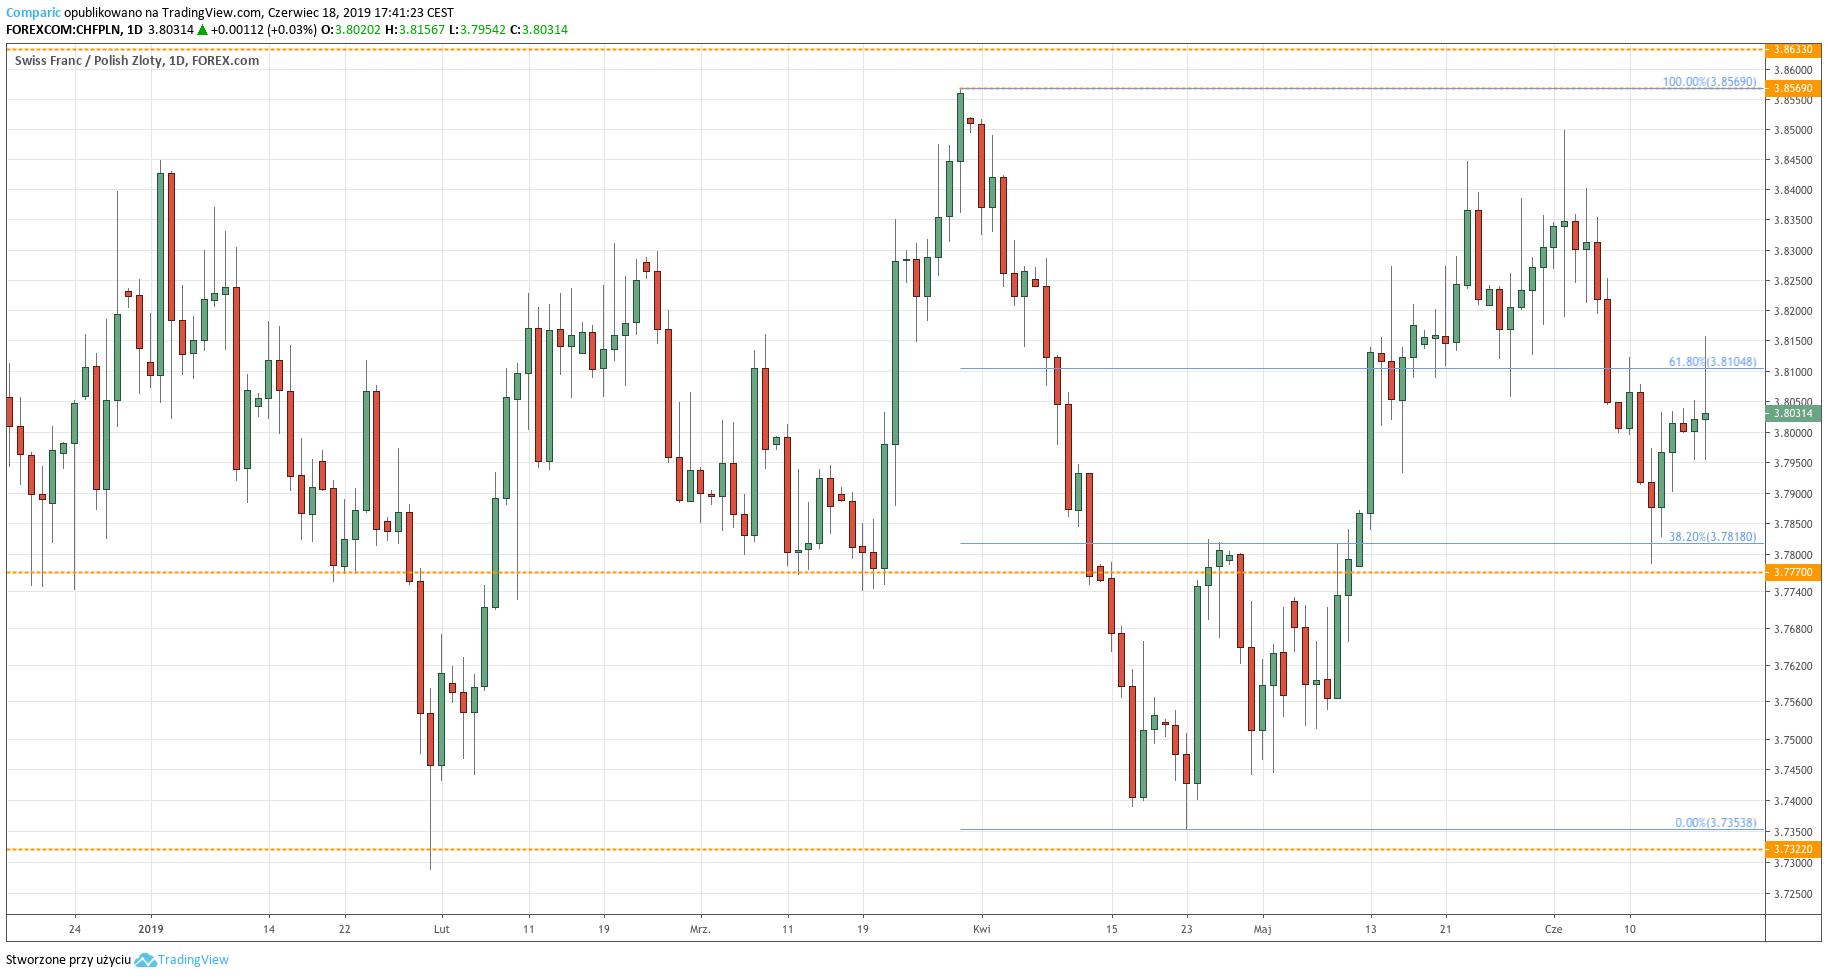 Kurs franka do złotego (CHF/PLN) - wykres dzienny - 18 czerwca 2019